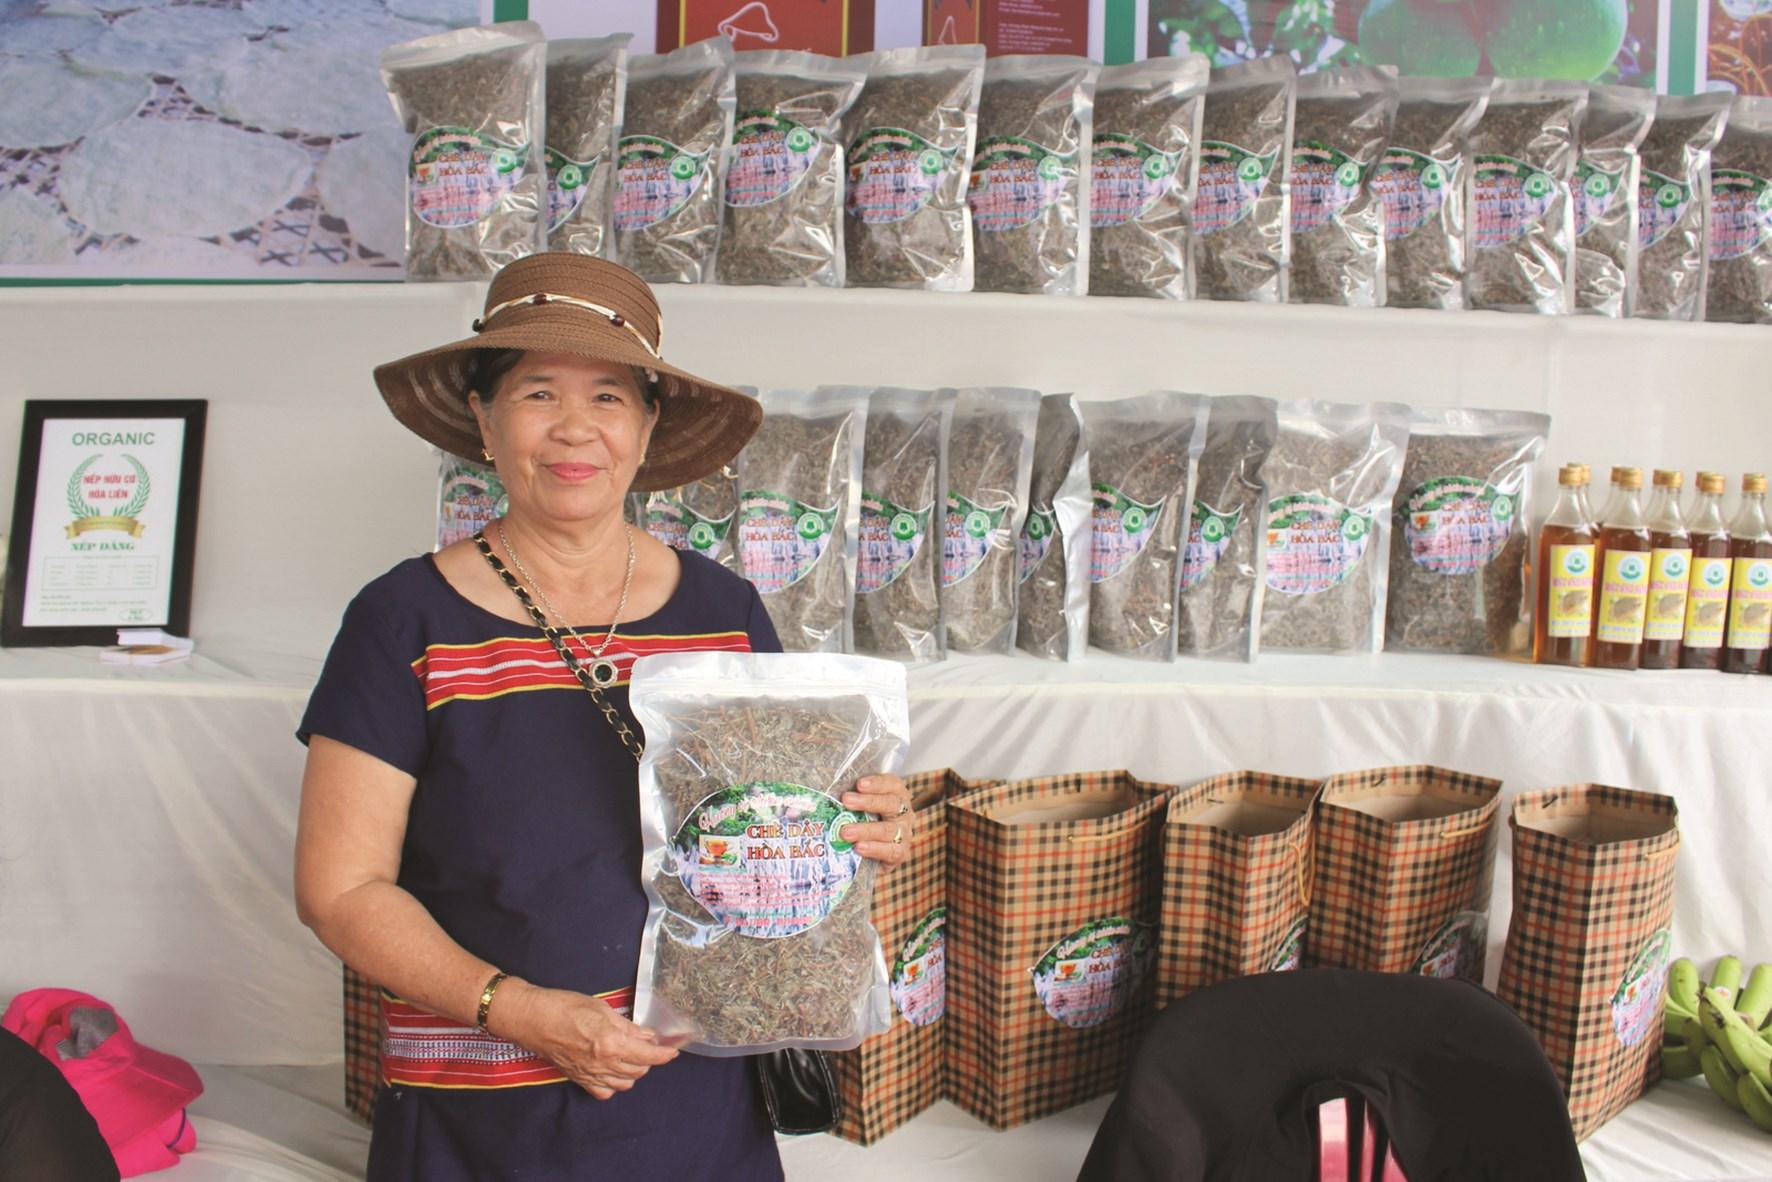 Bà Chọn giới thiệu sản phẩm chè dây do cơ sở mình chế biến, sản xuất tại Hội chợ Hòa Vang năm 2020.